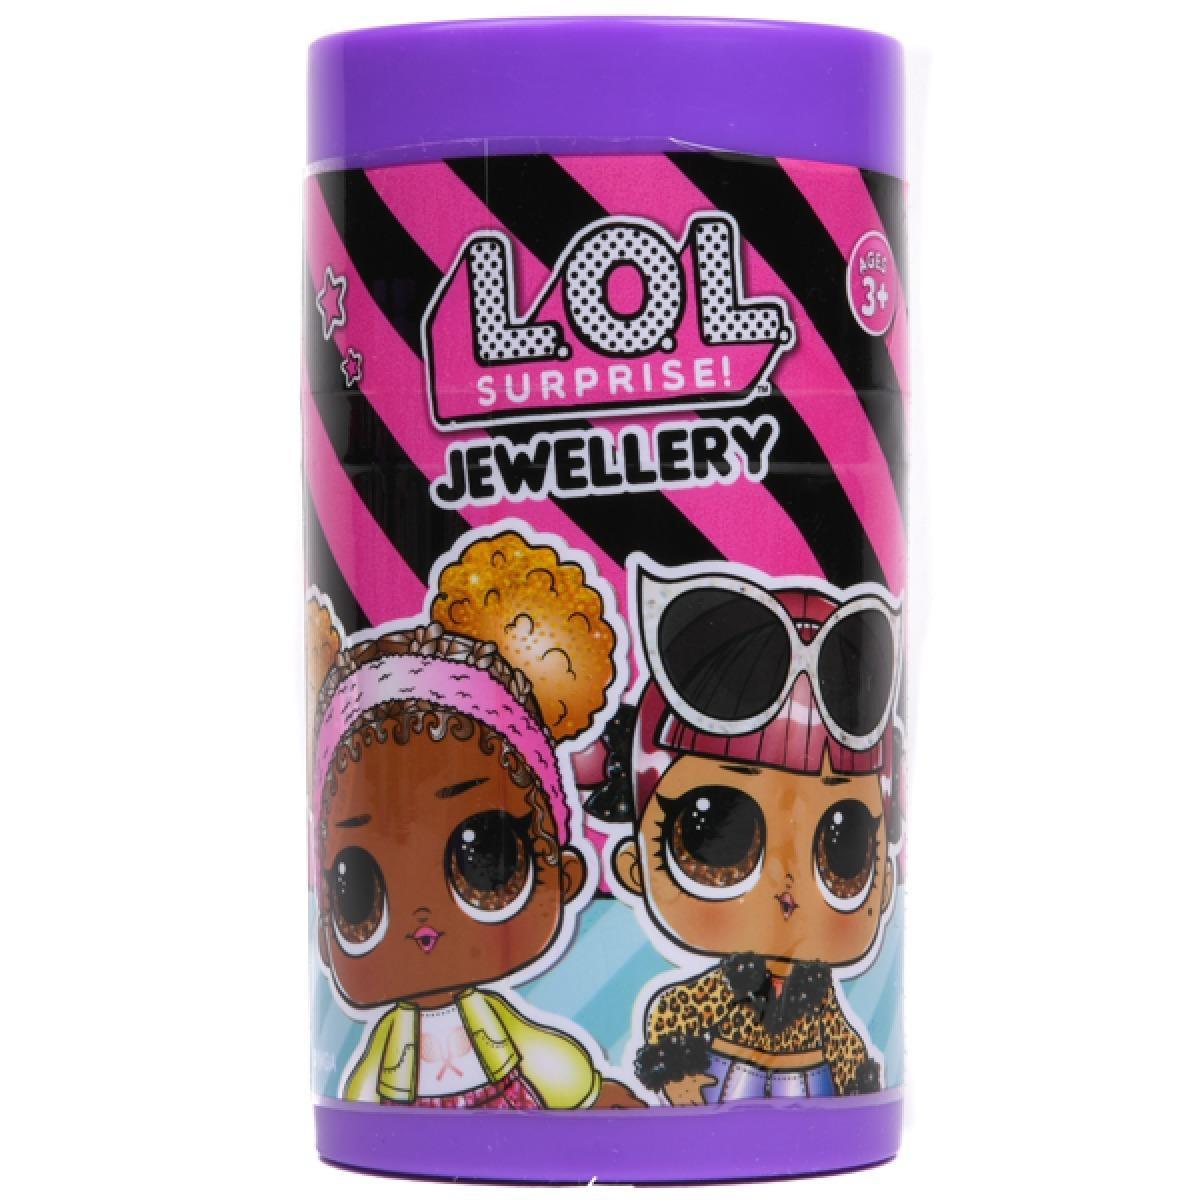 Šperky a príslušenstvo do vlasov LOL - prekvapenie v malej tube